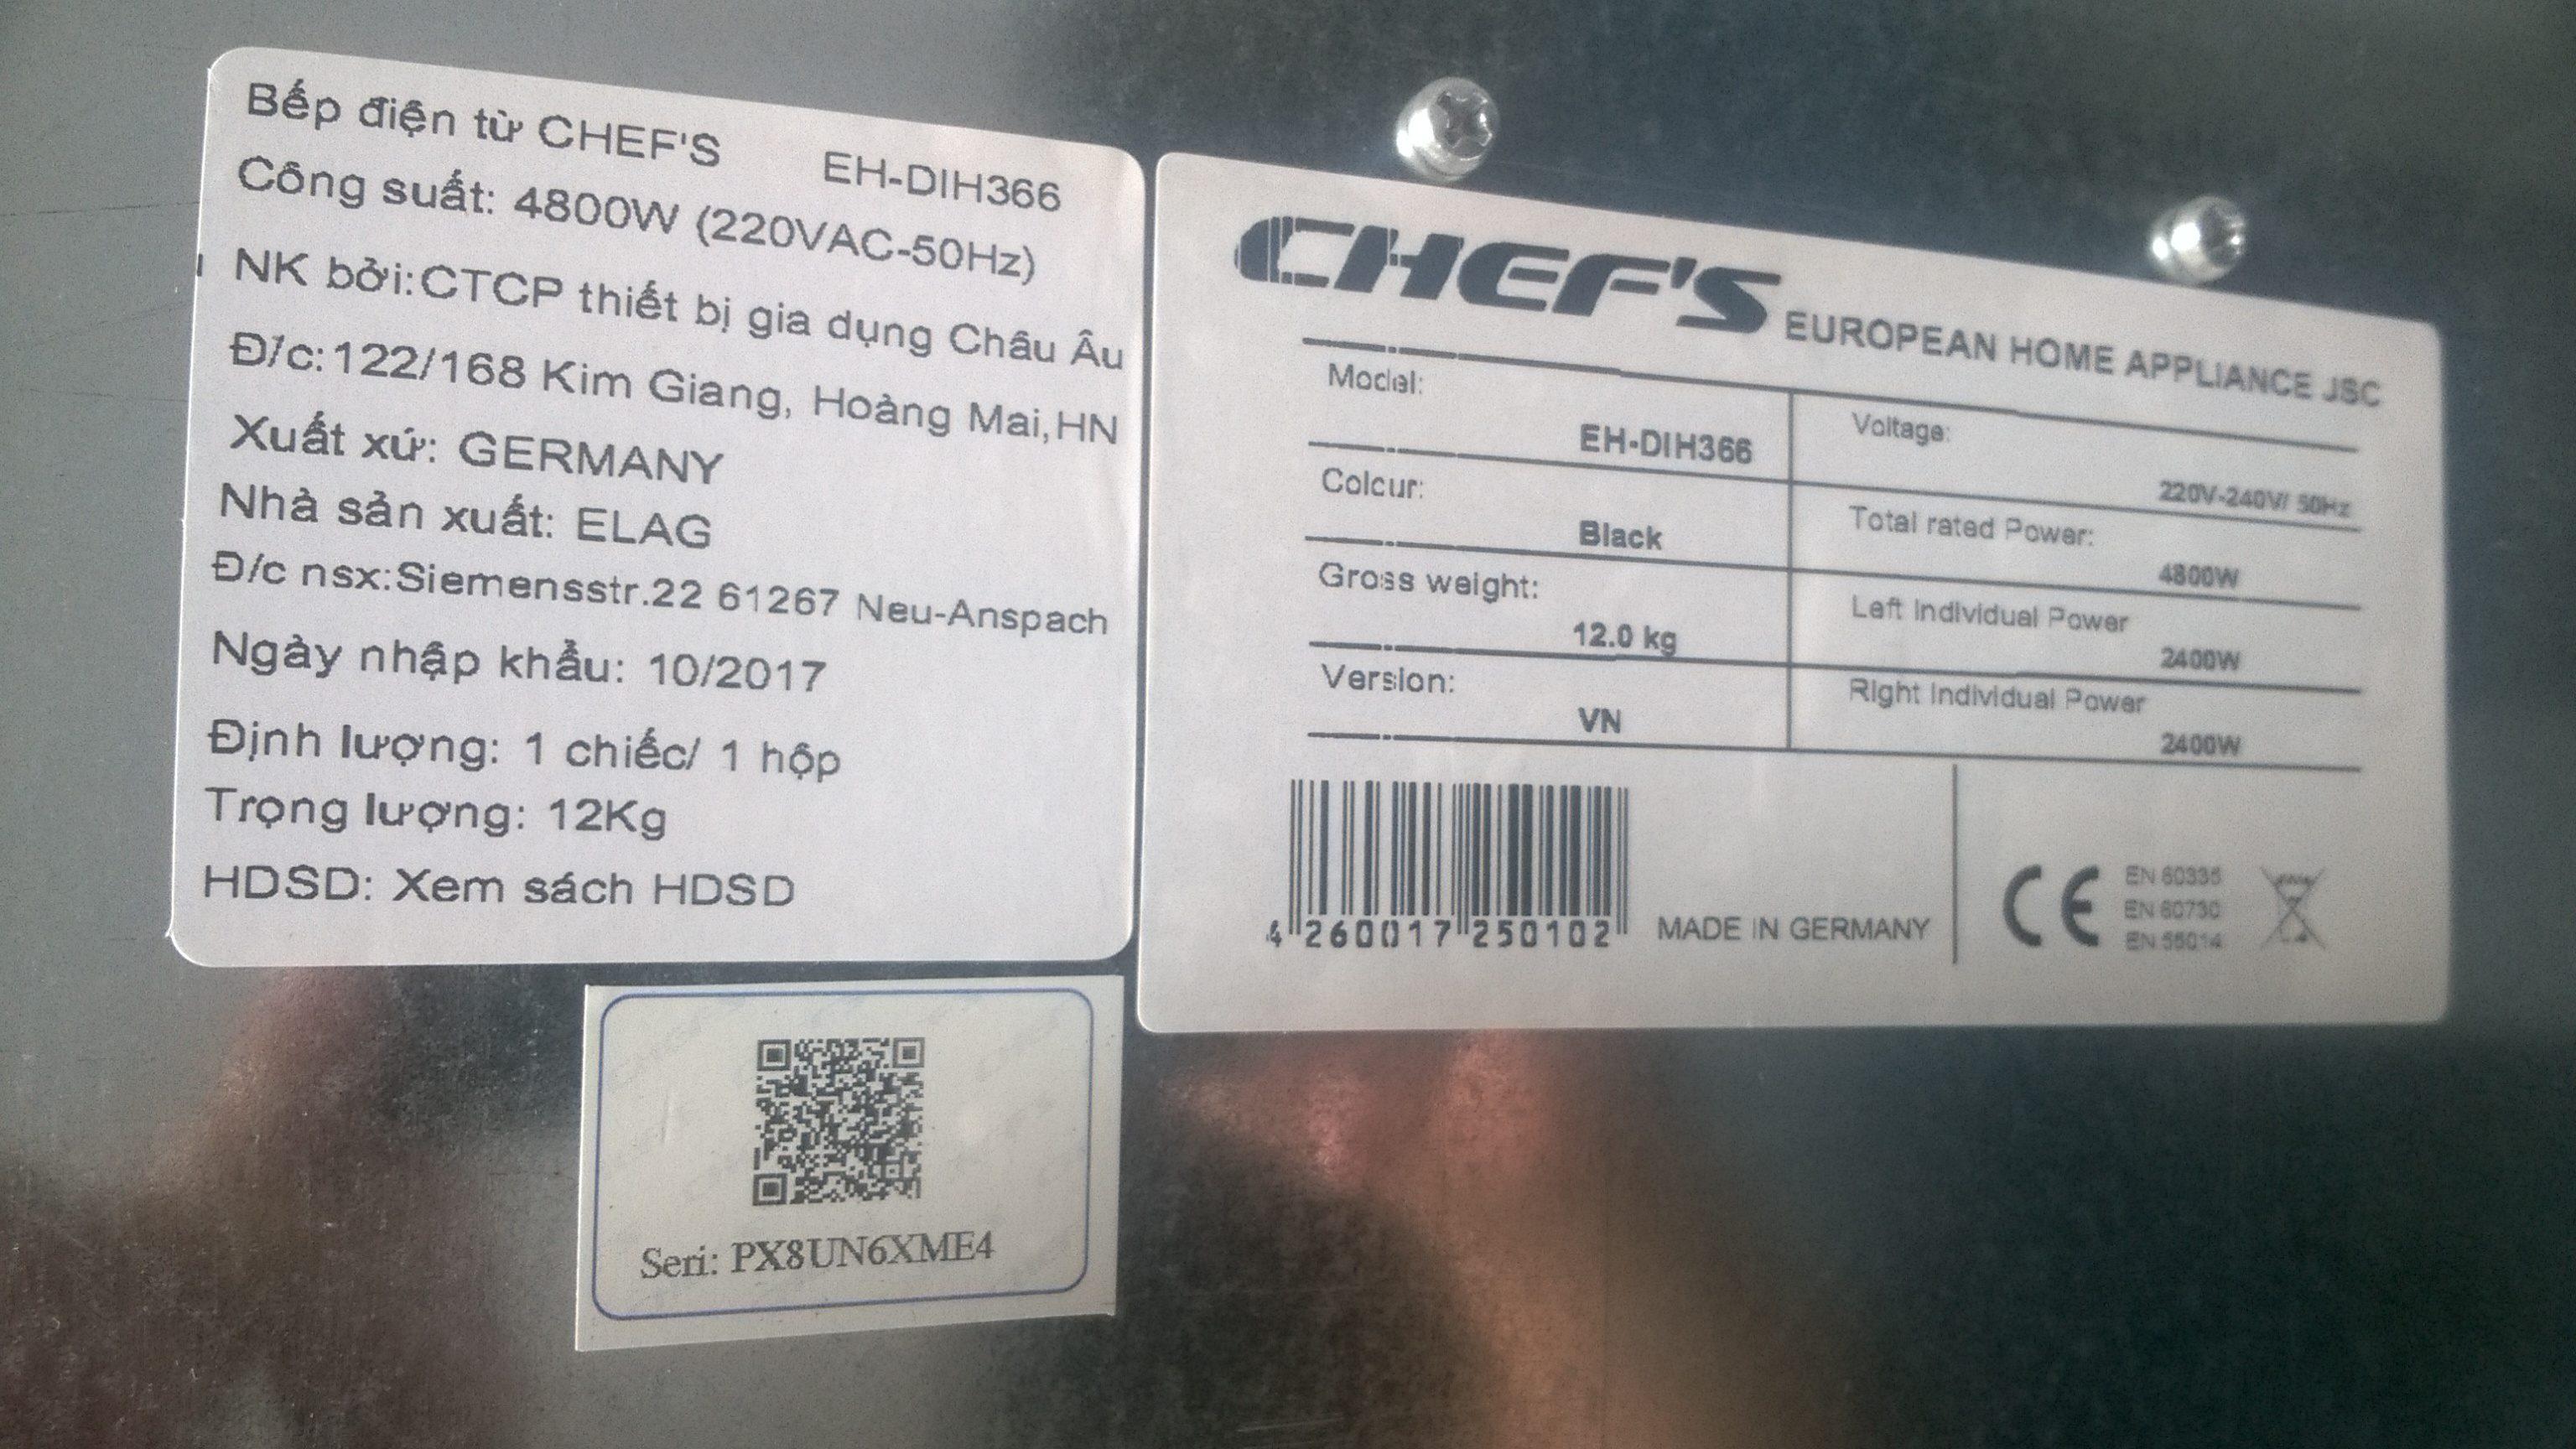 Cách nhận biết những chiếc bếp từ Chefs chính hãng